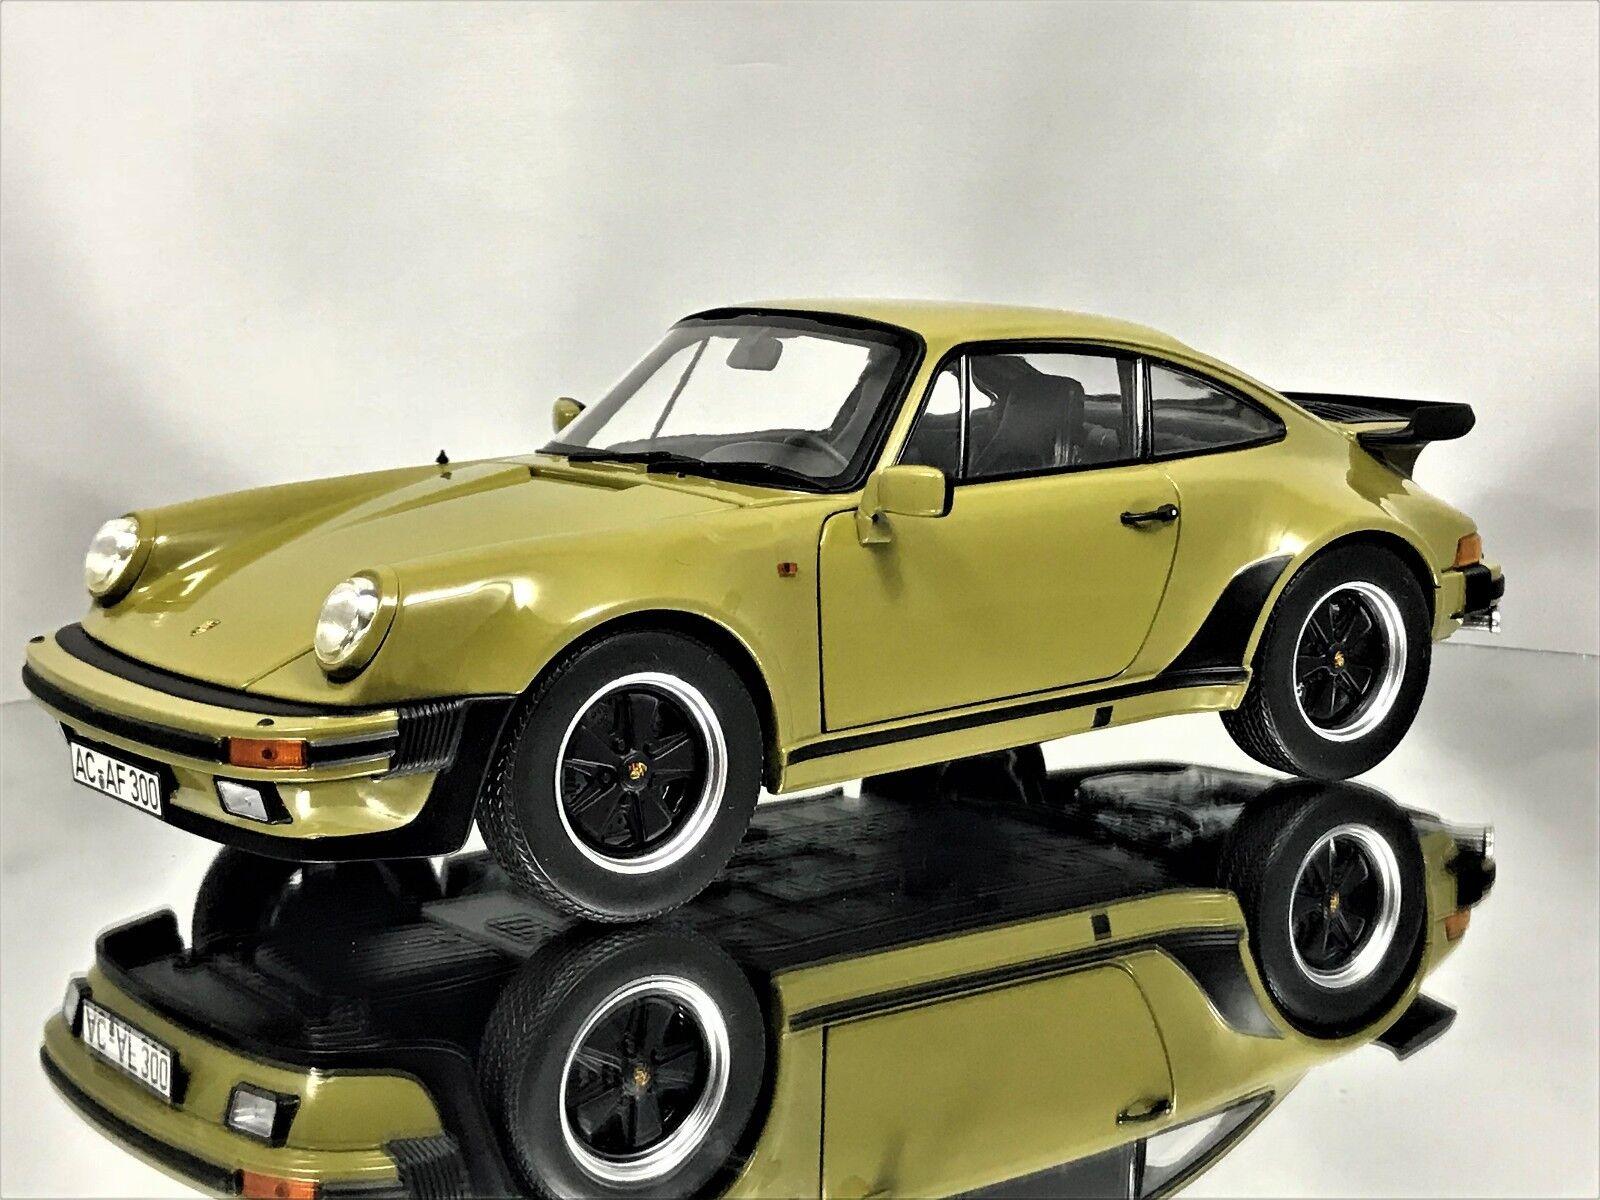 Norev porsche 911 turbo 3.3 coupé (930) 1977 olivgrün ein diecast modell auto 1,18